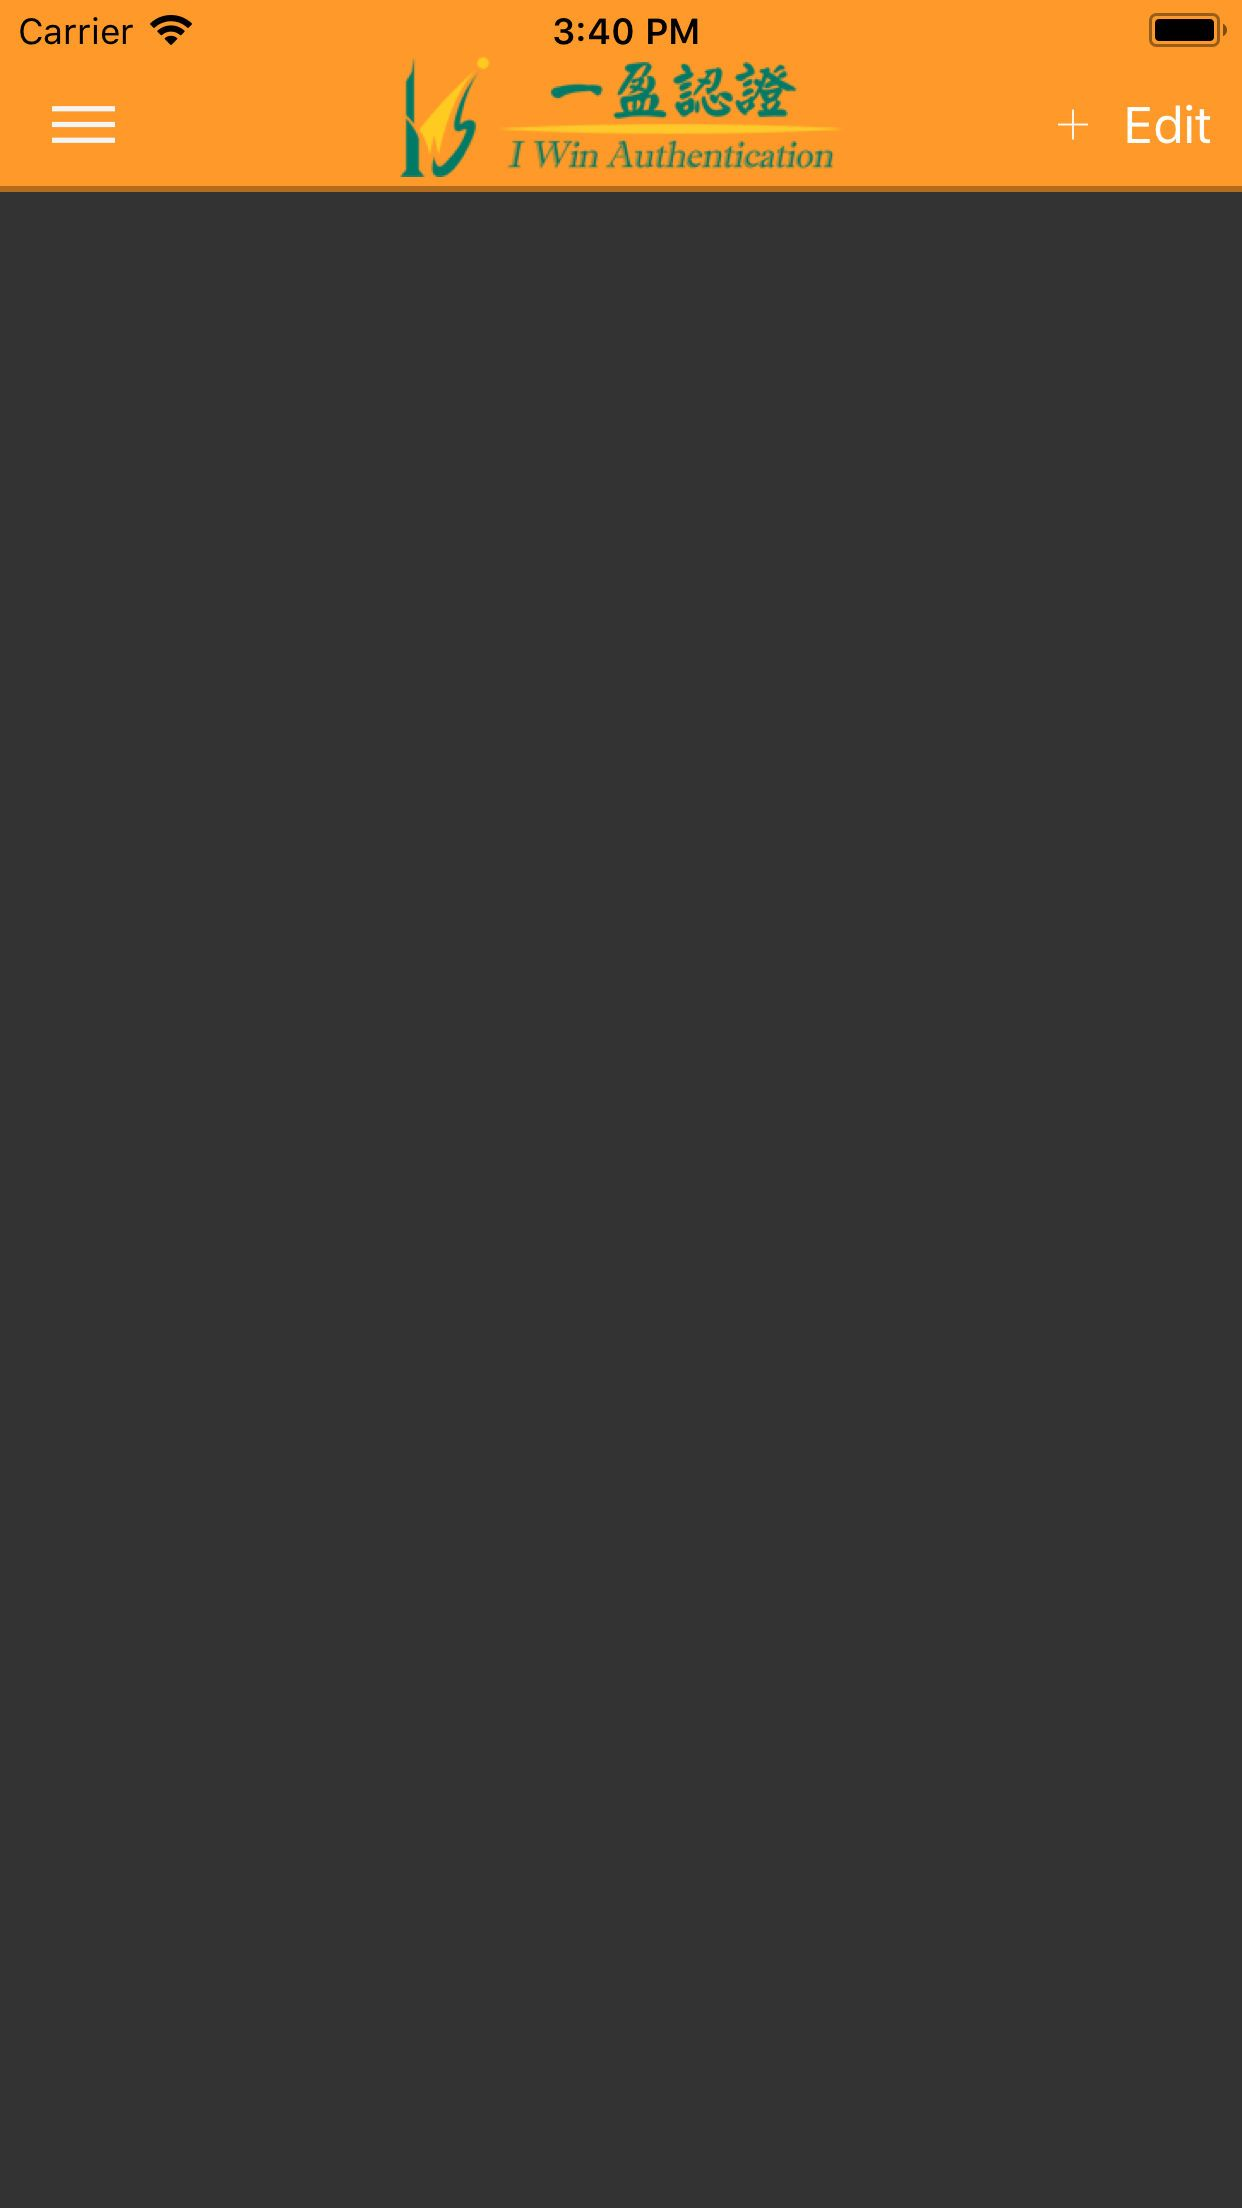 一盈认证app官方版  v1.0图1